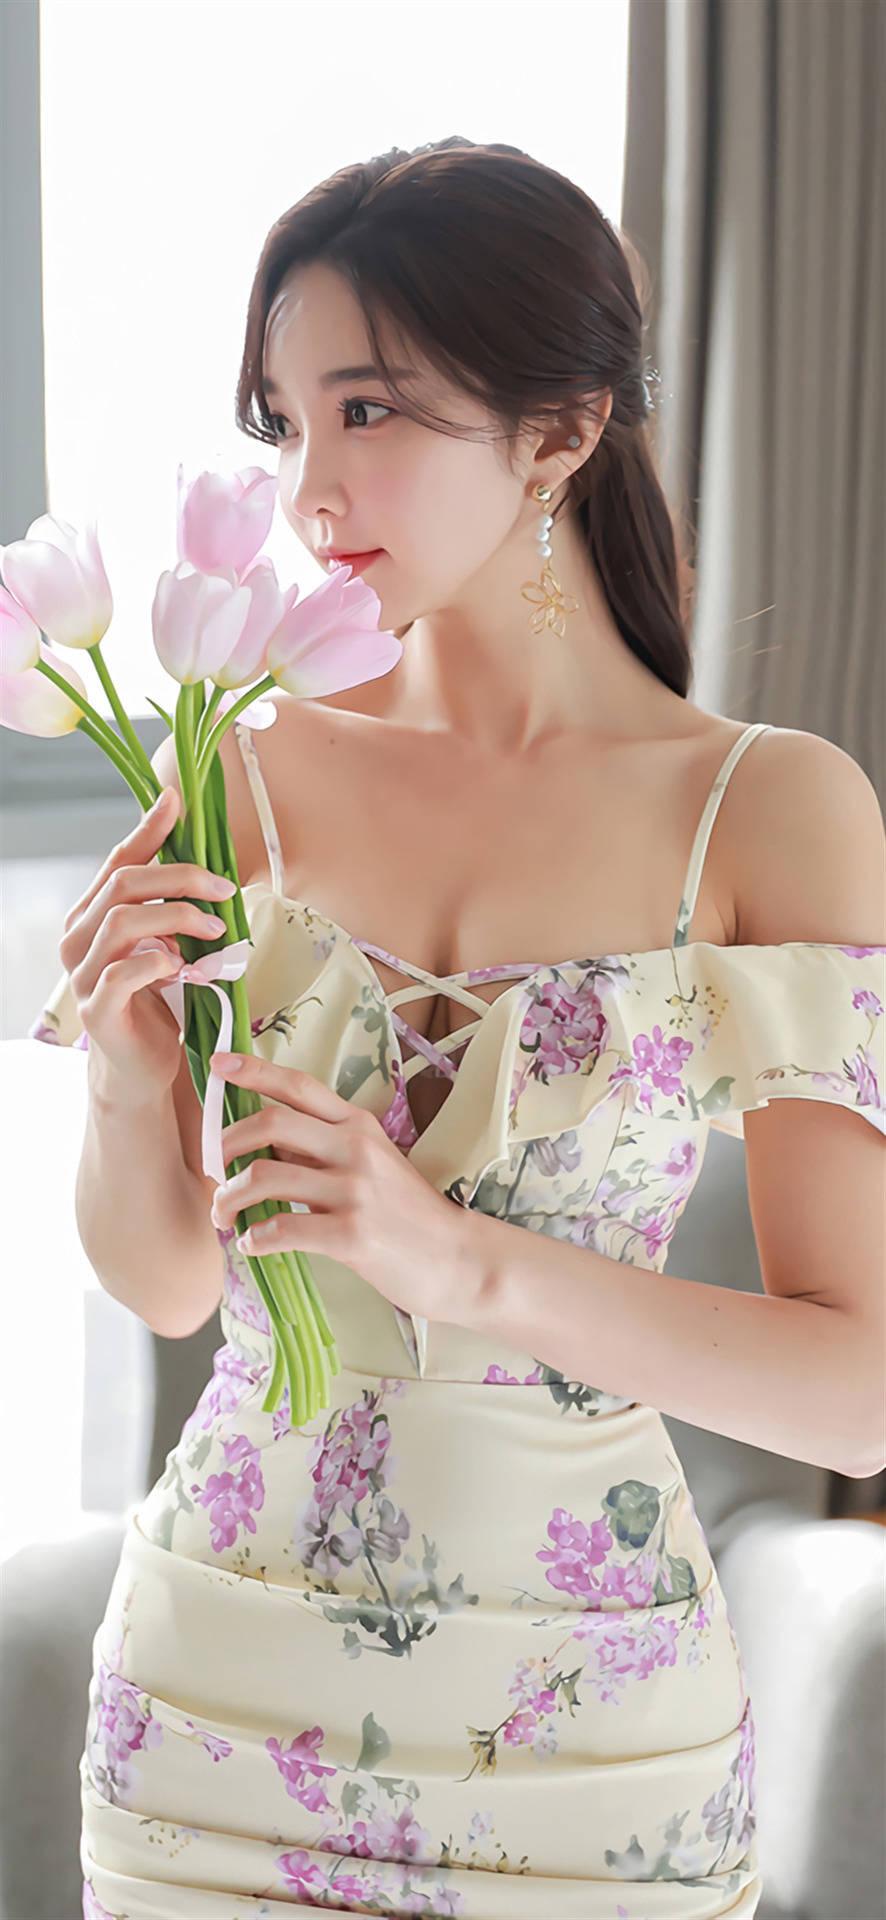 韩国女神级模特孙允珠一款美到窒息的美图